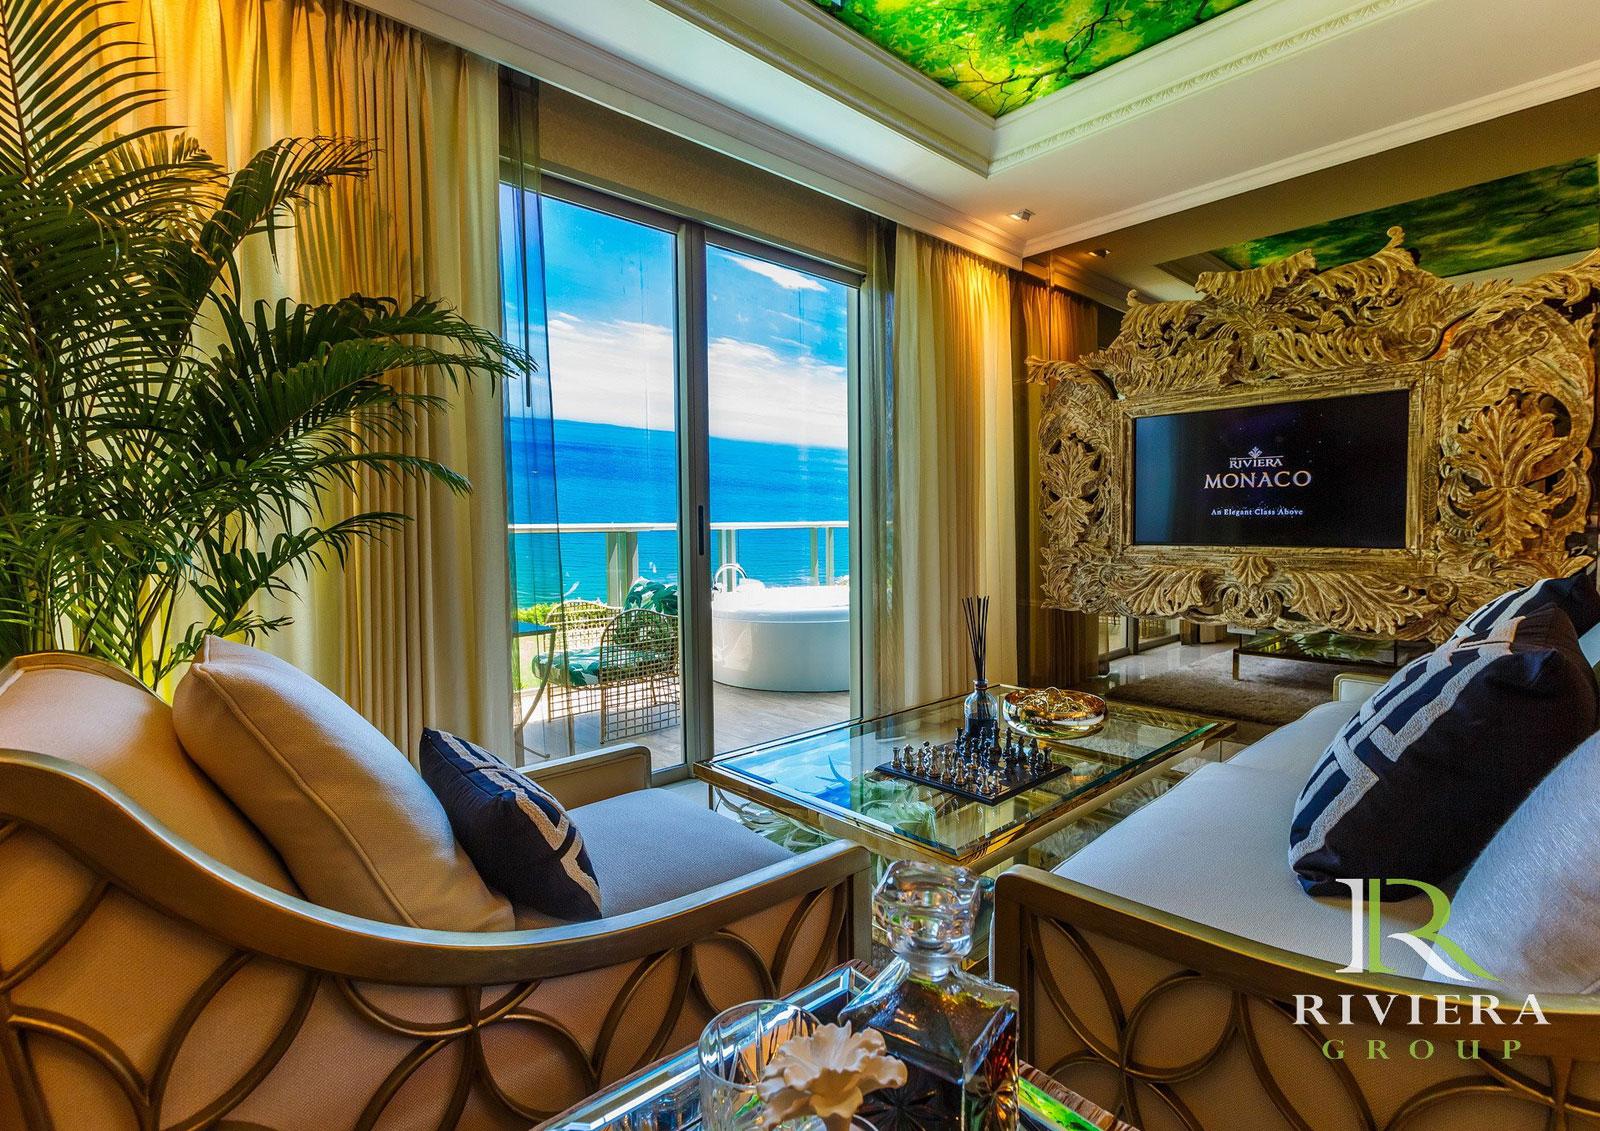 The Riviera Monaco Pattaya Condo for sale